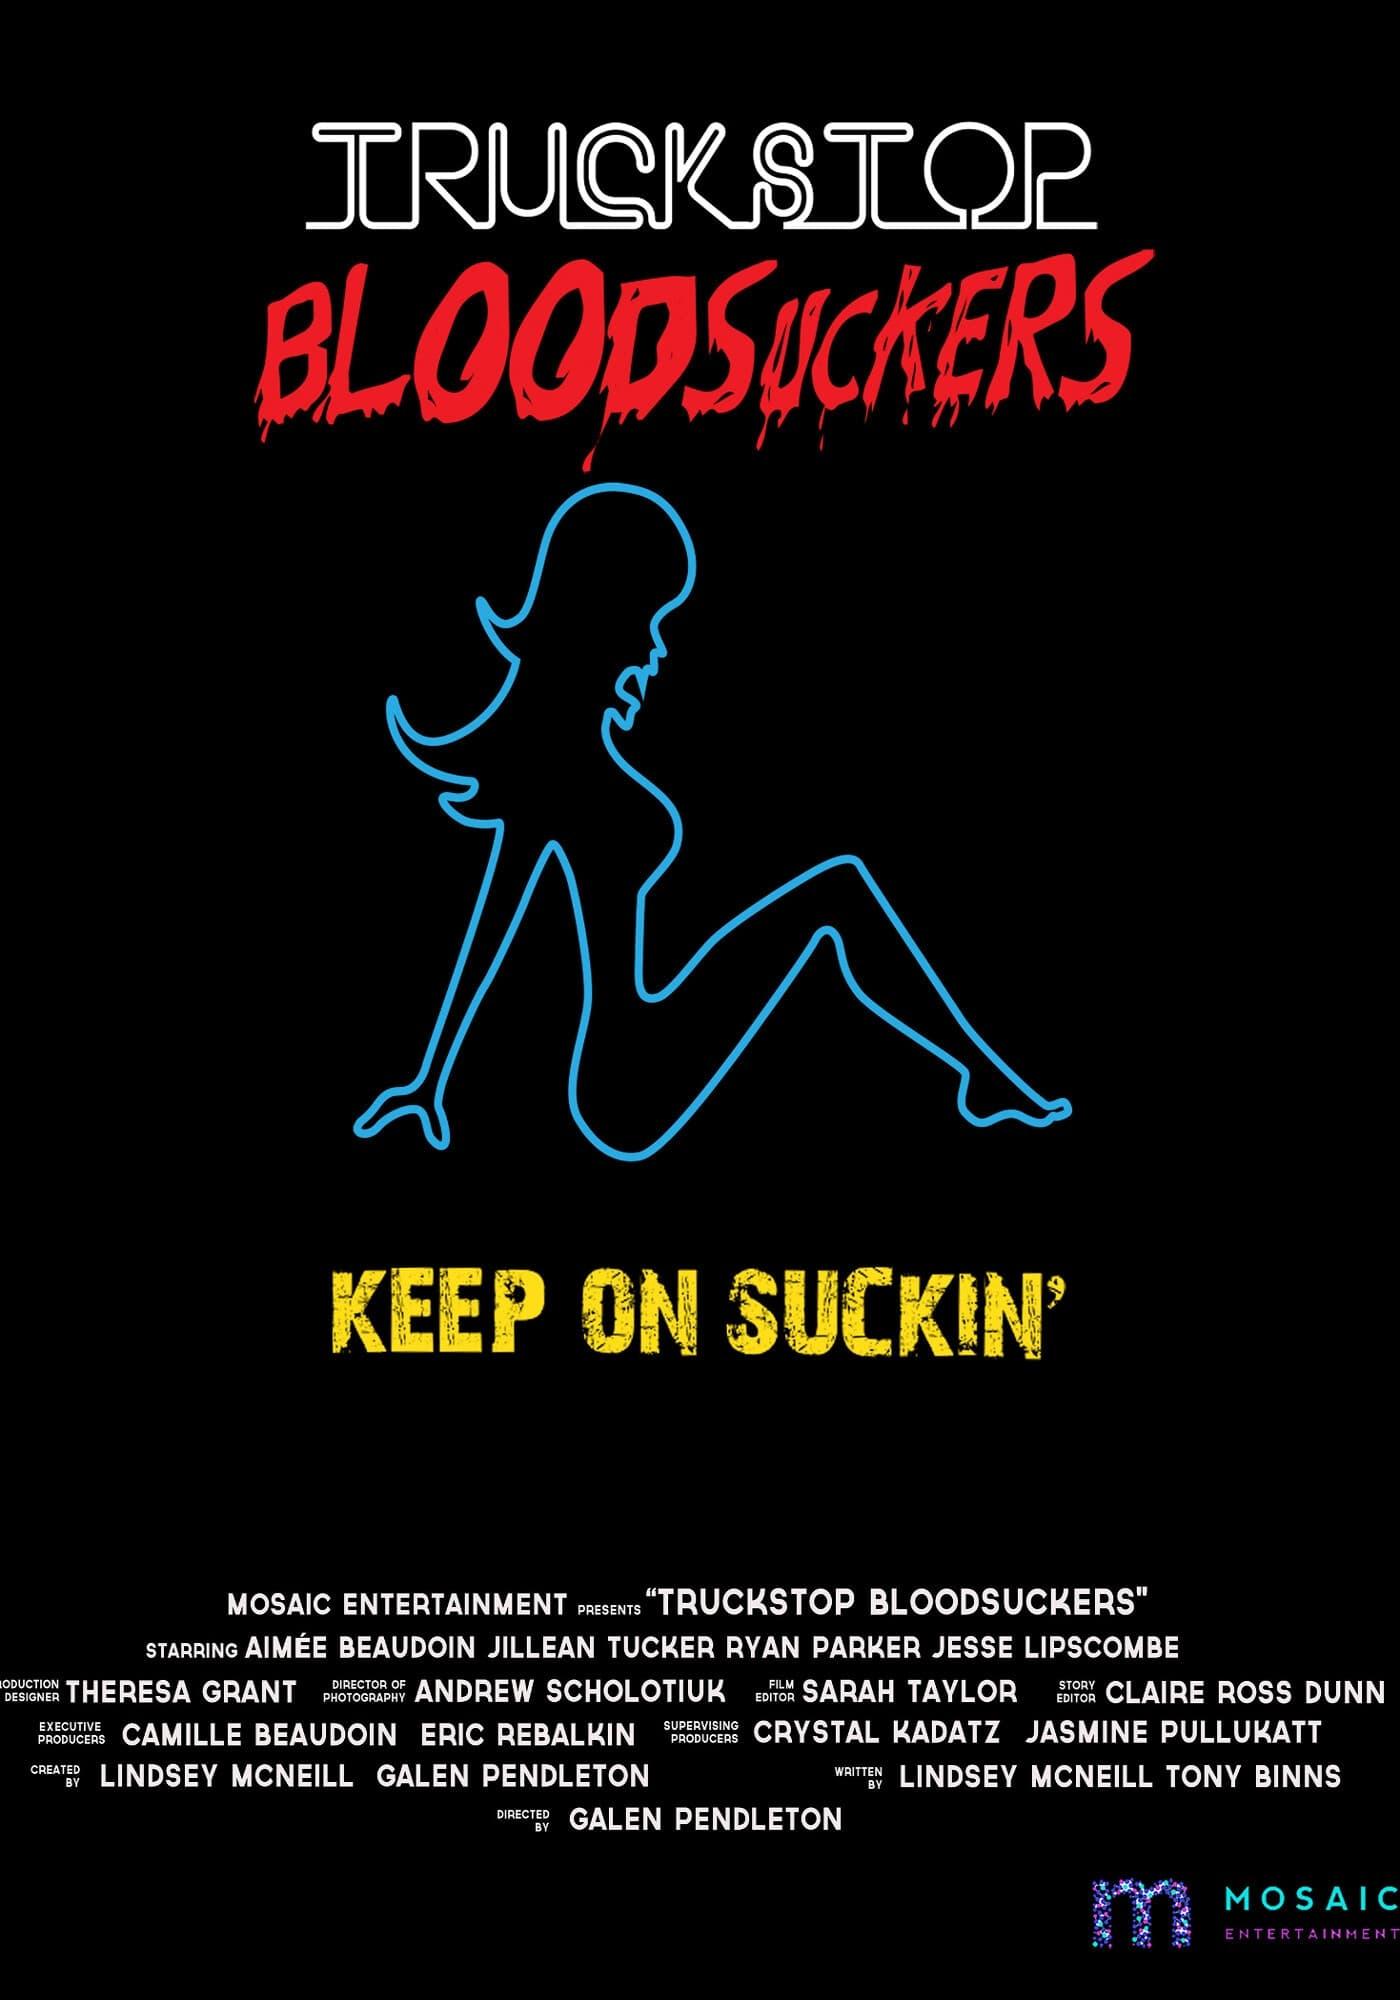 Truckstop Bloodsuckers